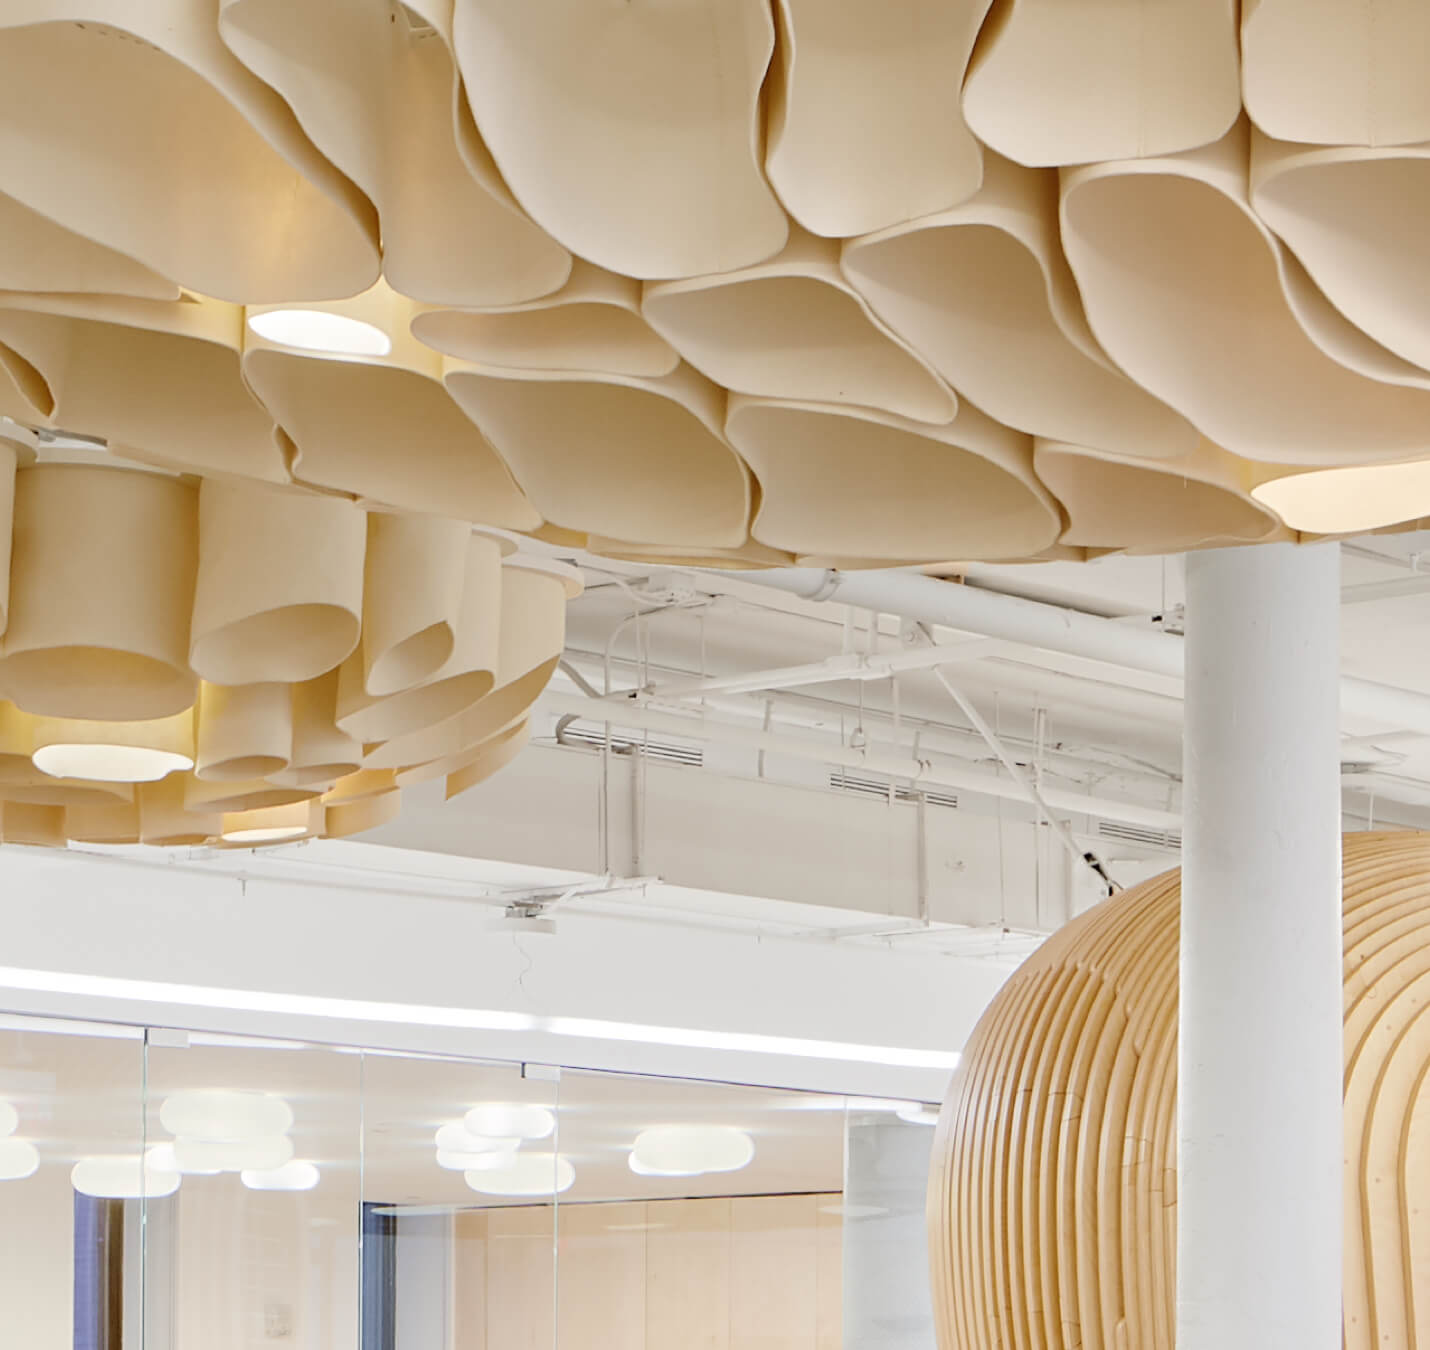 Use of Interior Felt at WeGrow facility